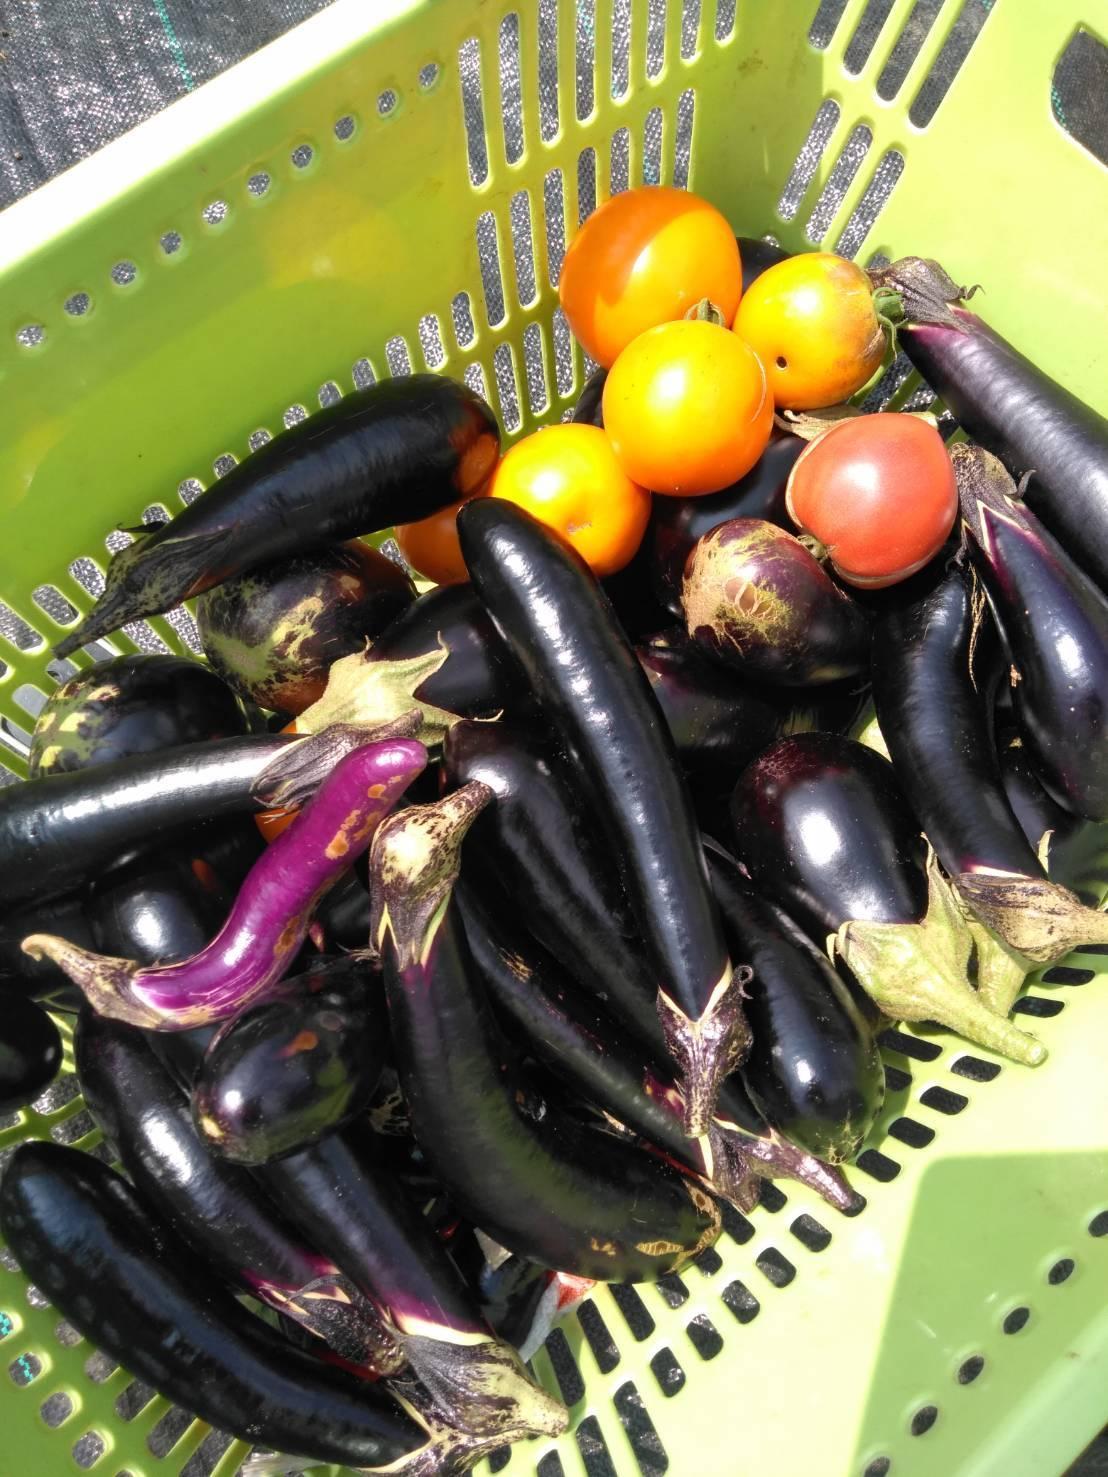 冬野菜の畝作り・・・開始します_c0222448_11575185.jpg